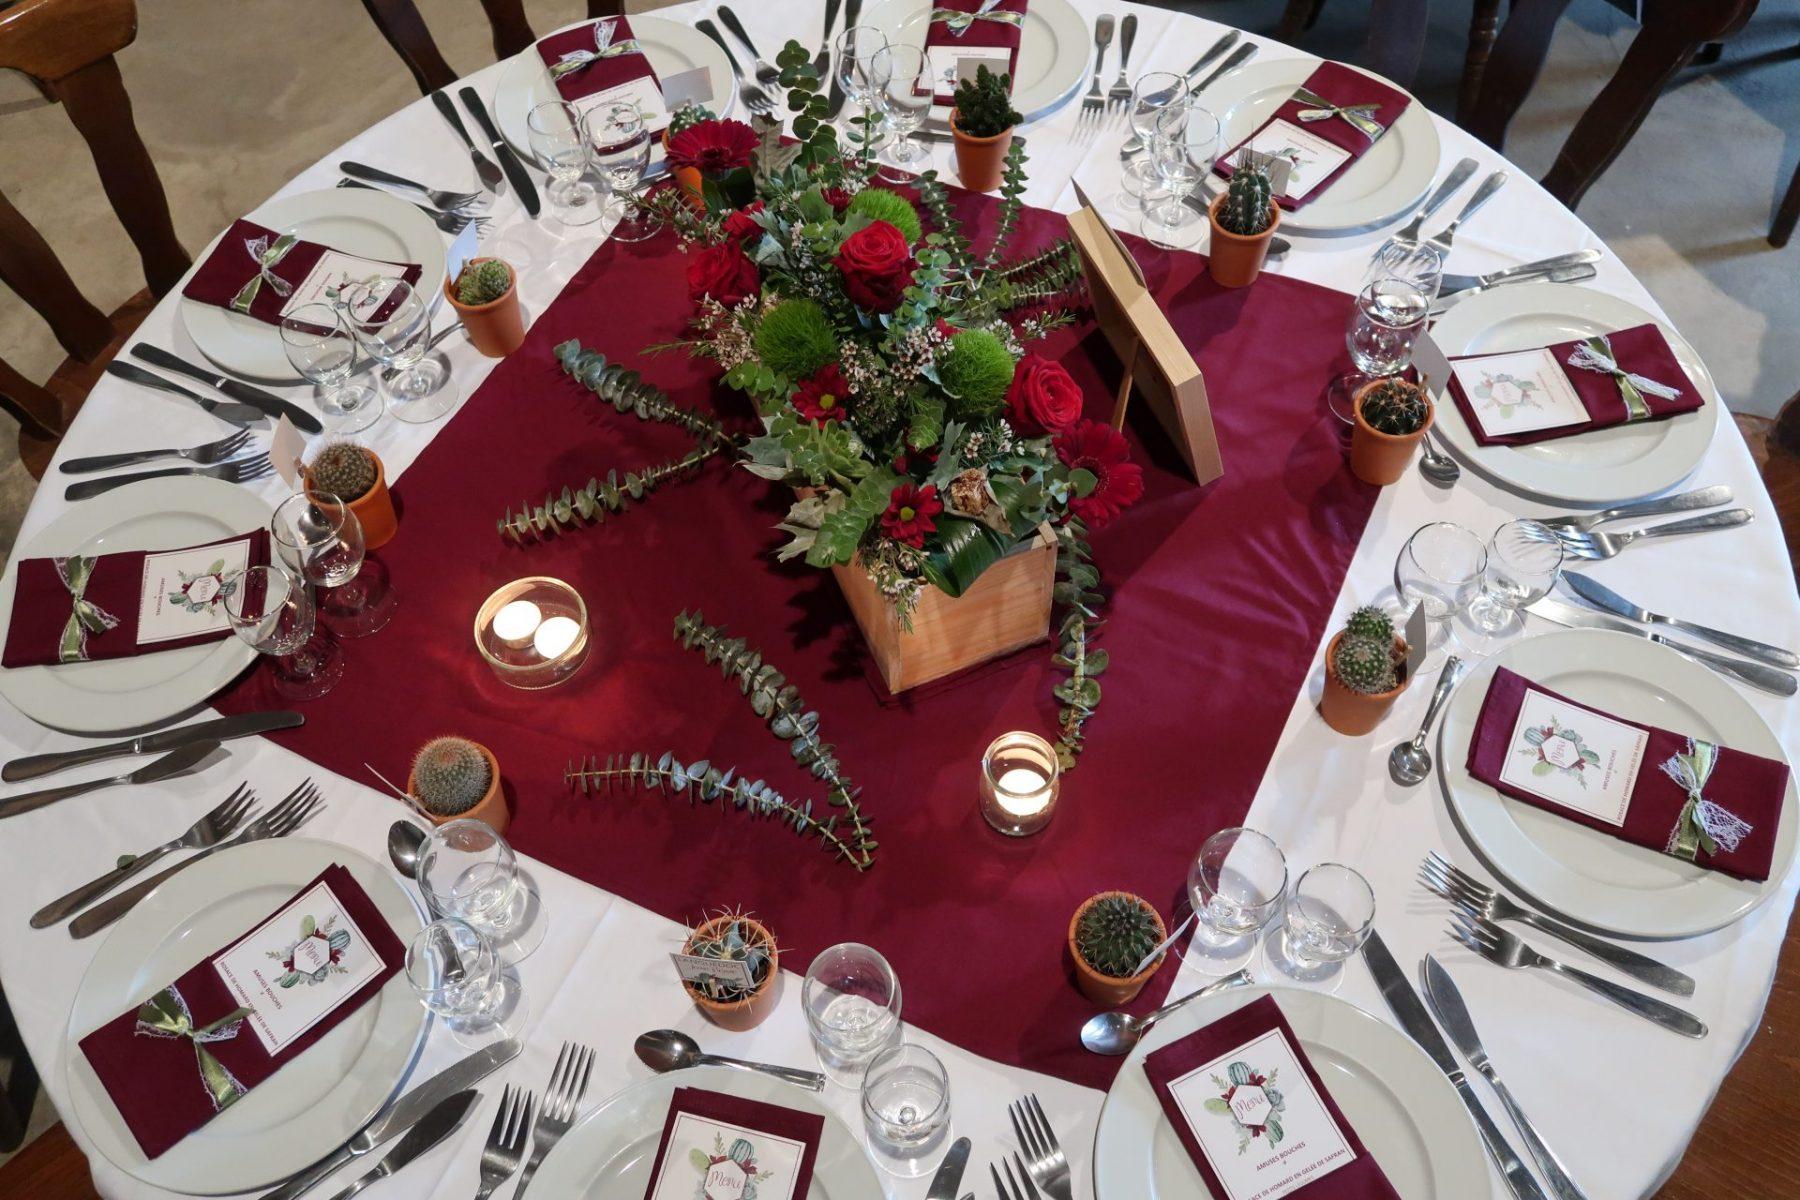 Décoration table ronde thème rustique avec cactus